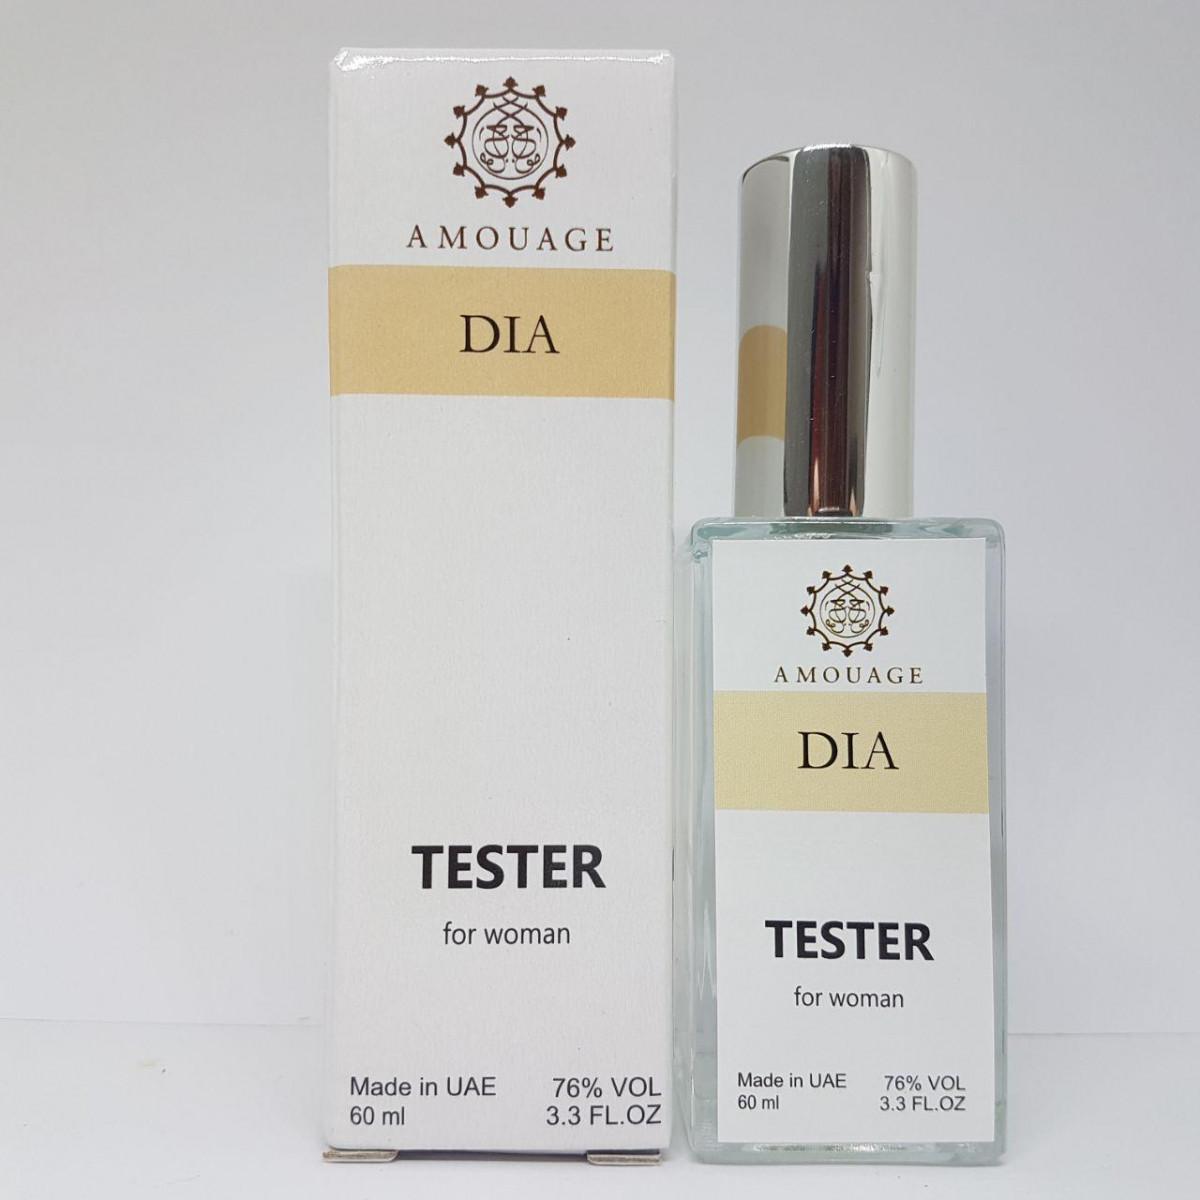 Amouage Dia - Dubai Tester 60ml